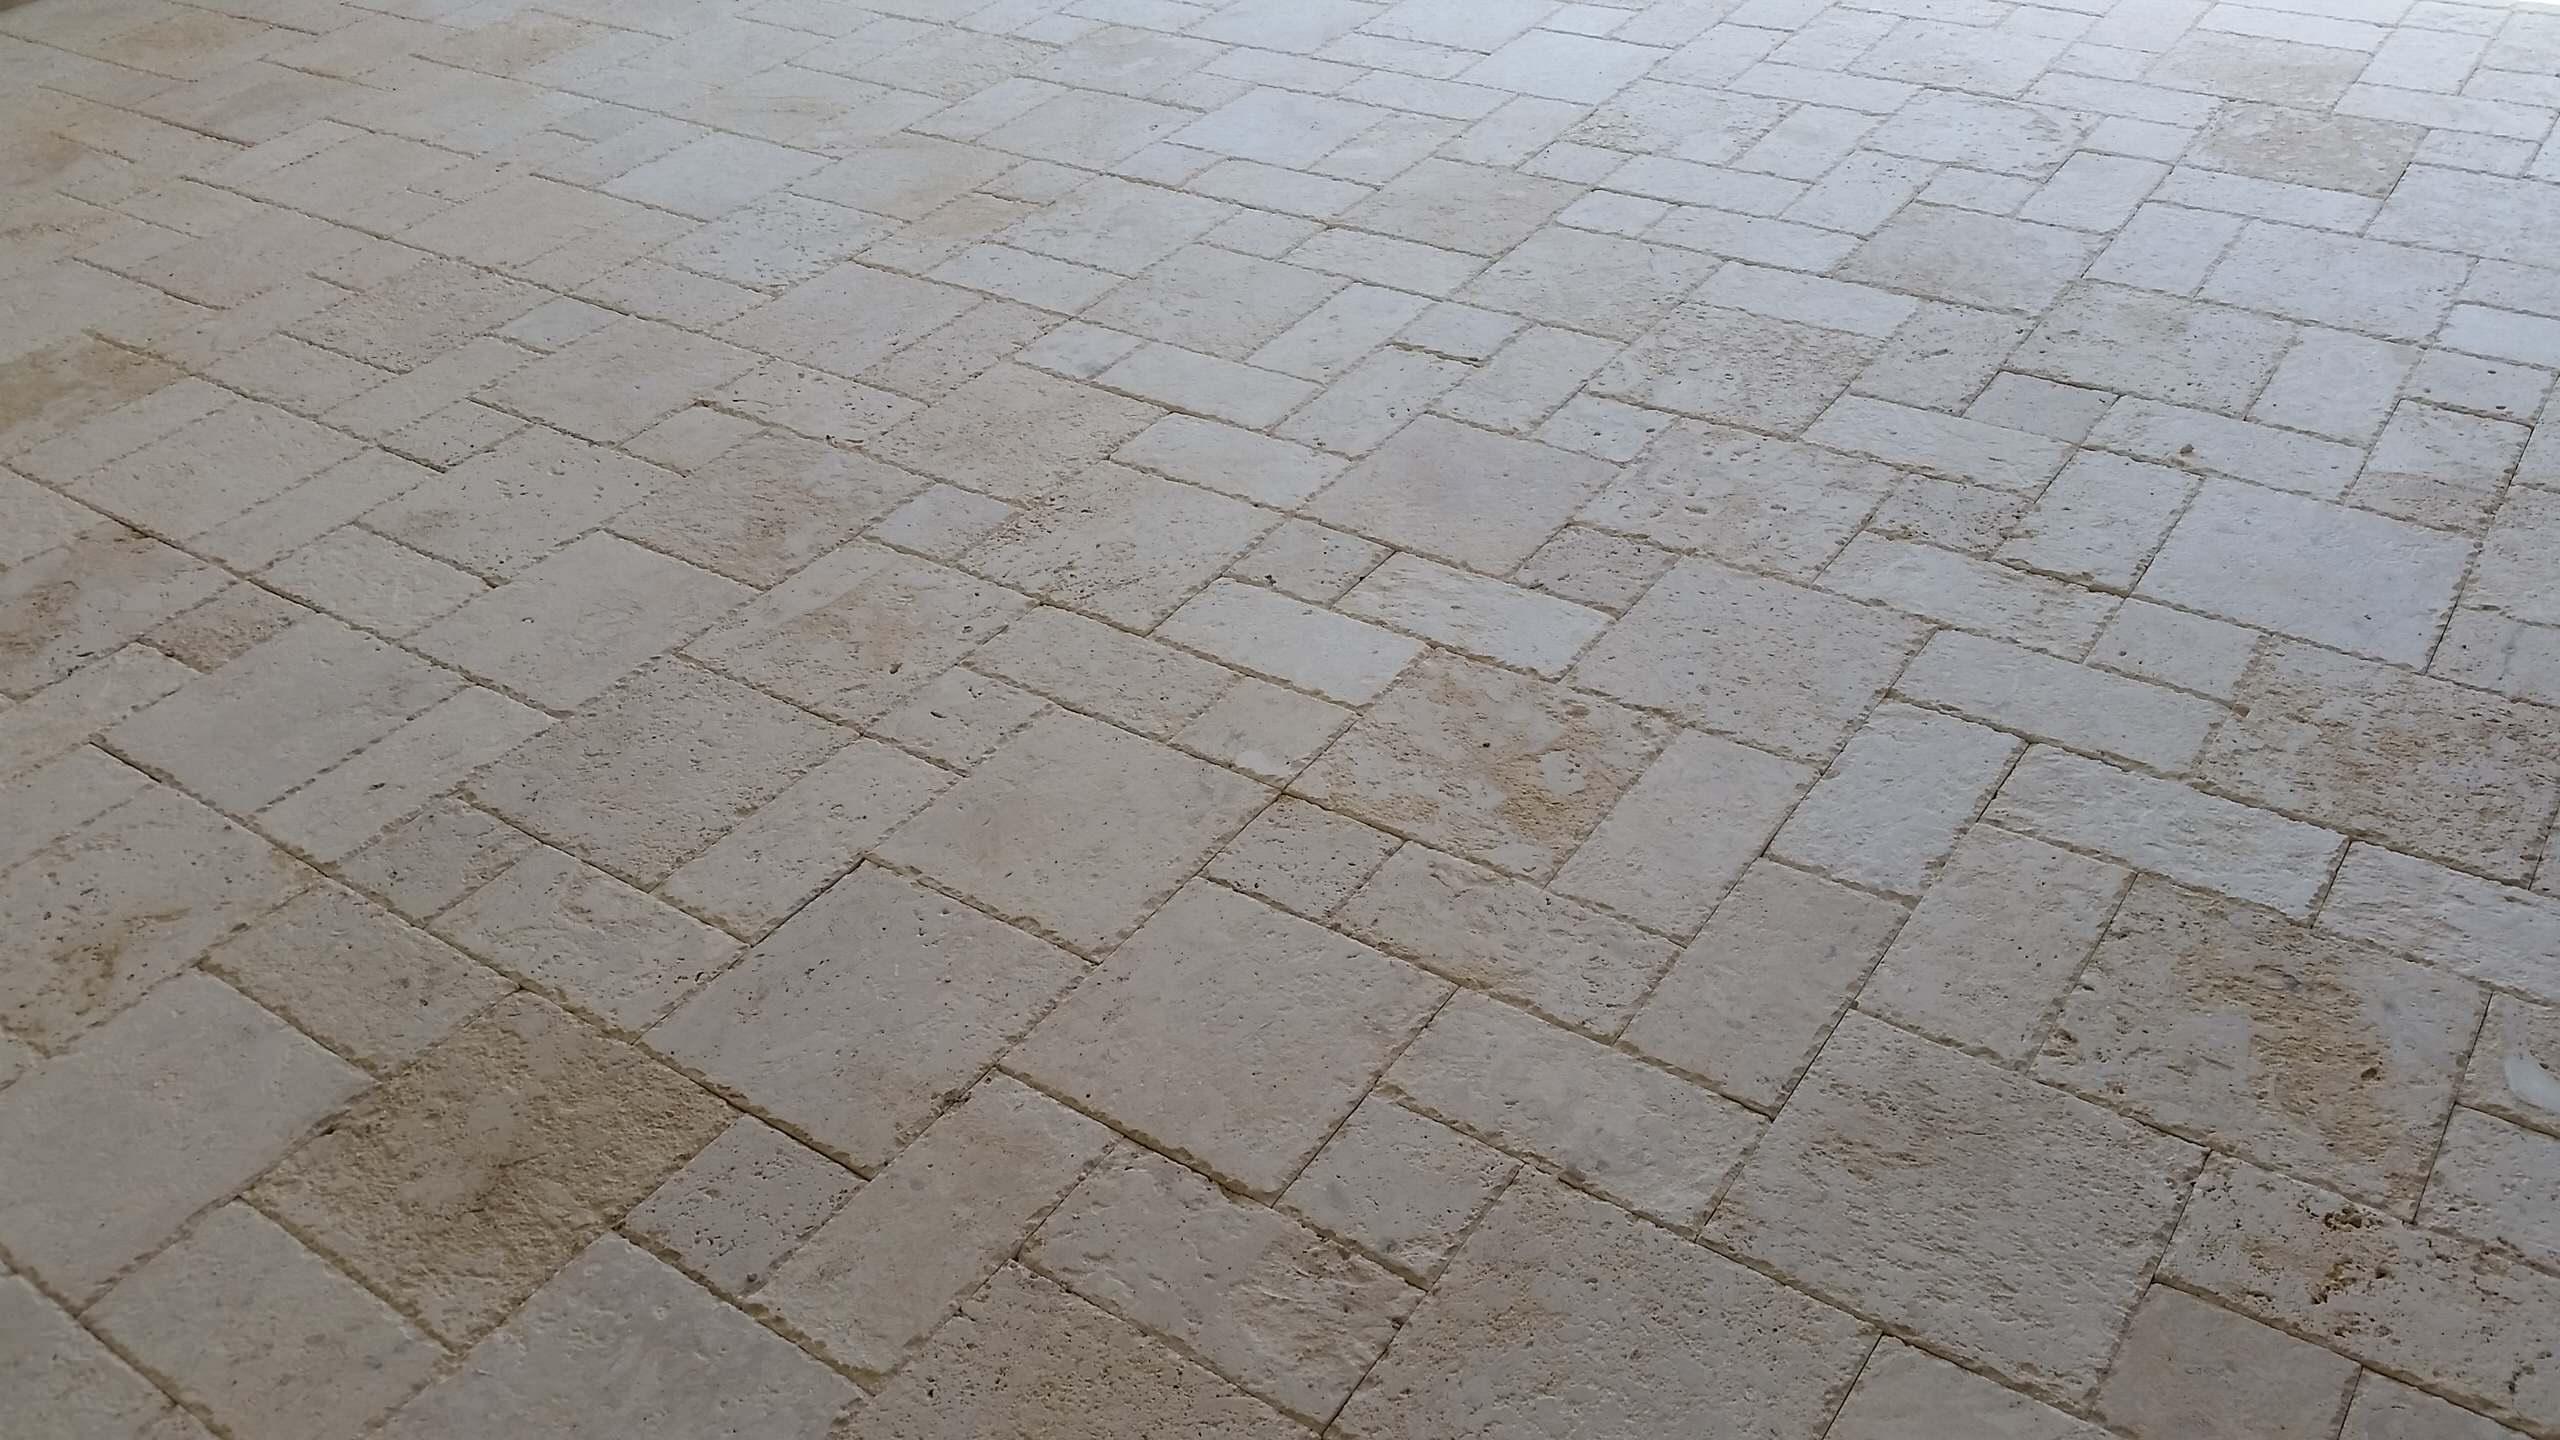 Marbella Shell Stone Patio